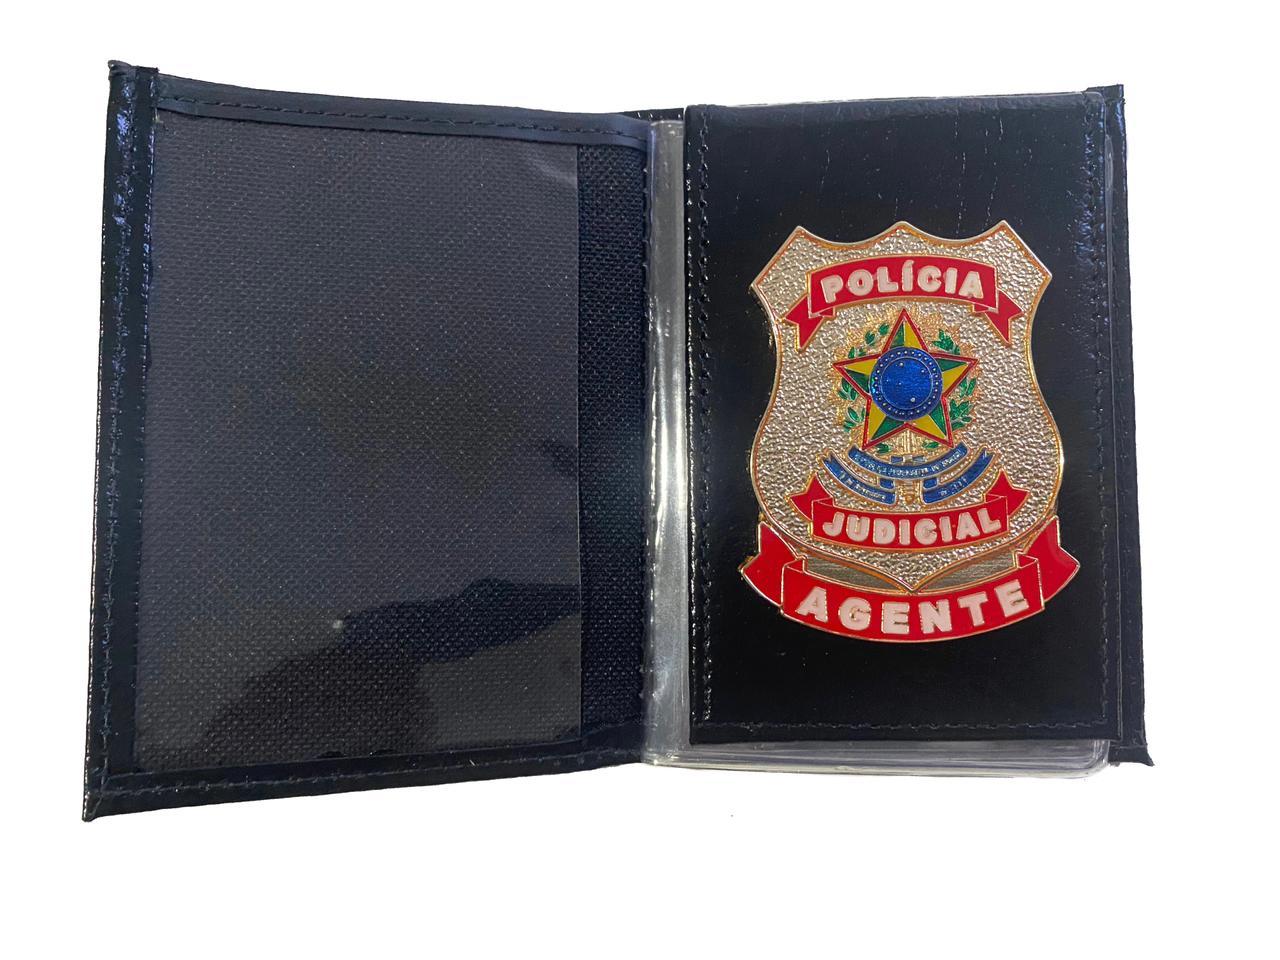 POLICIA JUDICIAL AGENTE